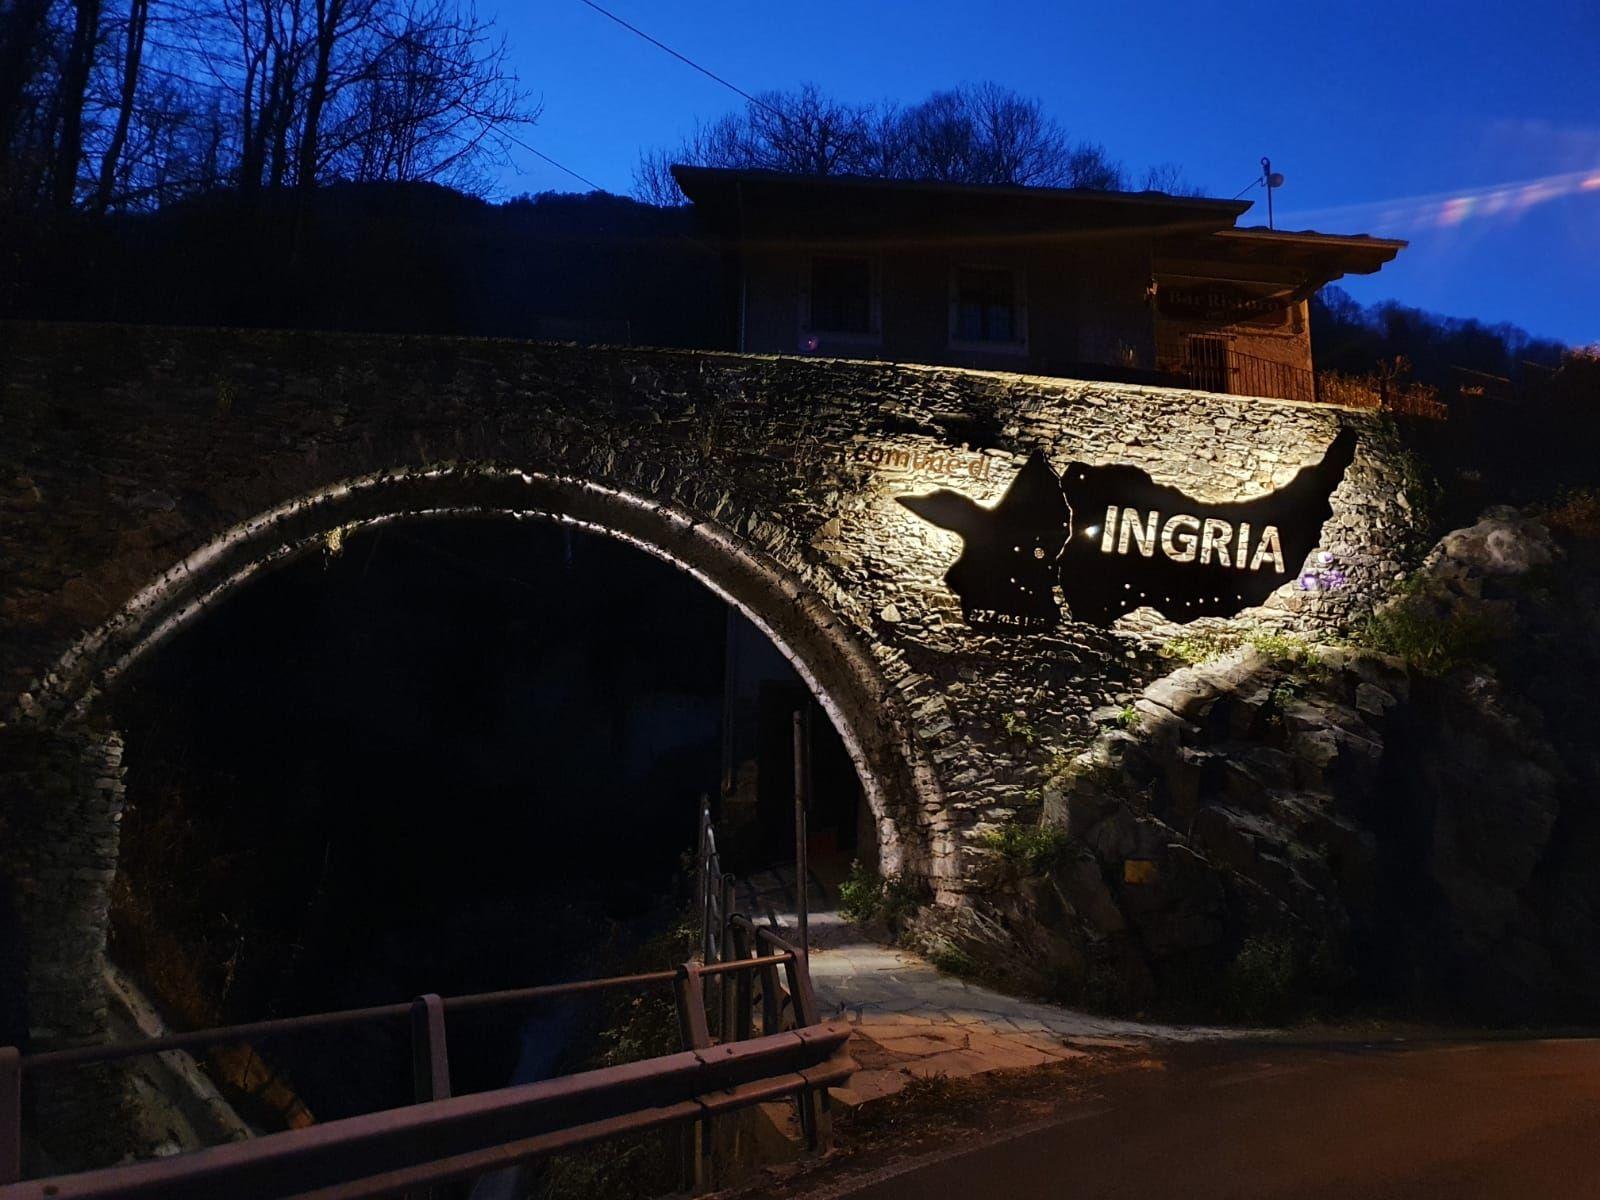 VALLE SOANA - Ingria scommette sulla patata ed entra nell'associazione nazionale. Il sindaco: «Crediamo nella patata»